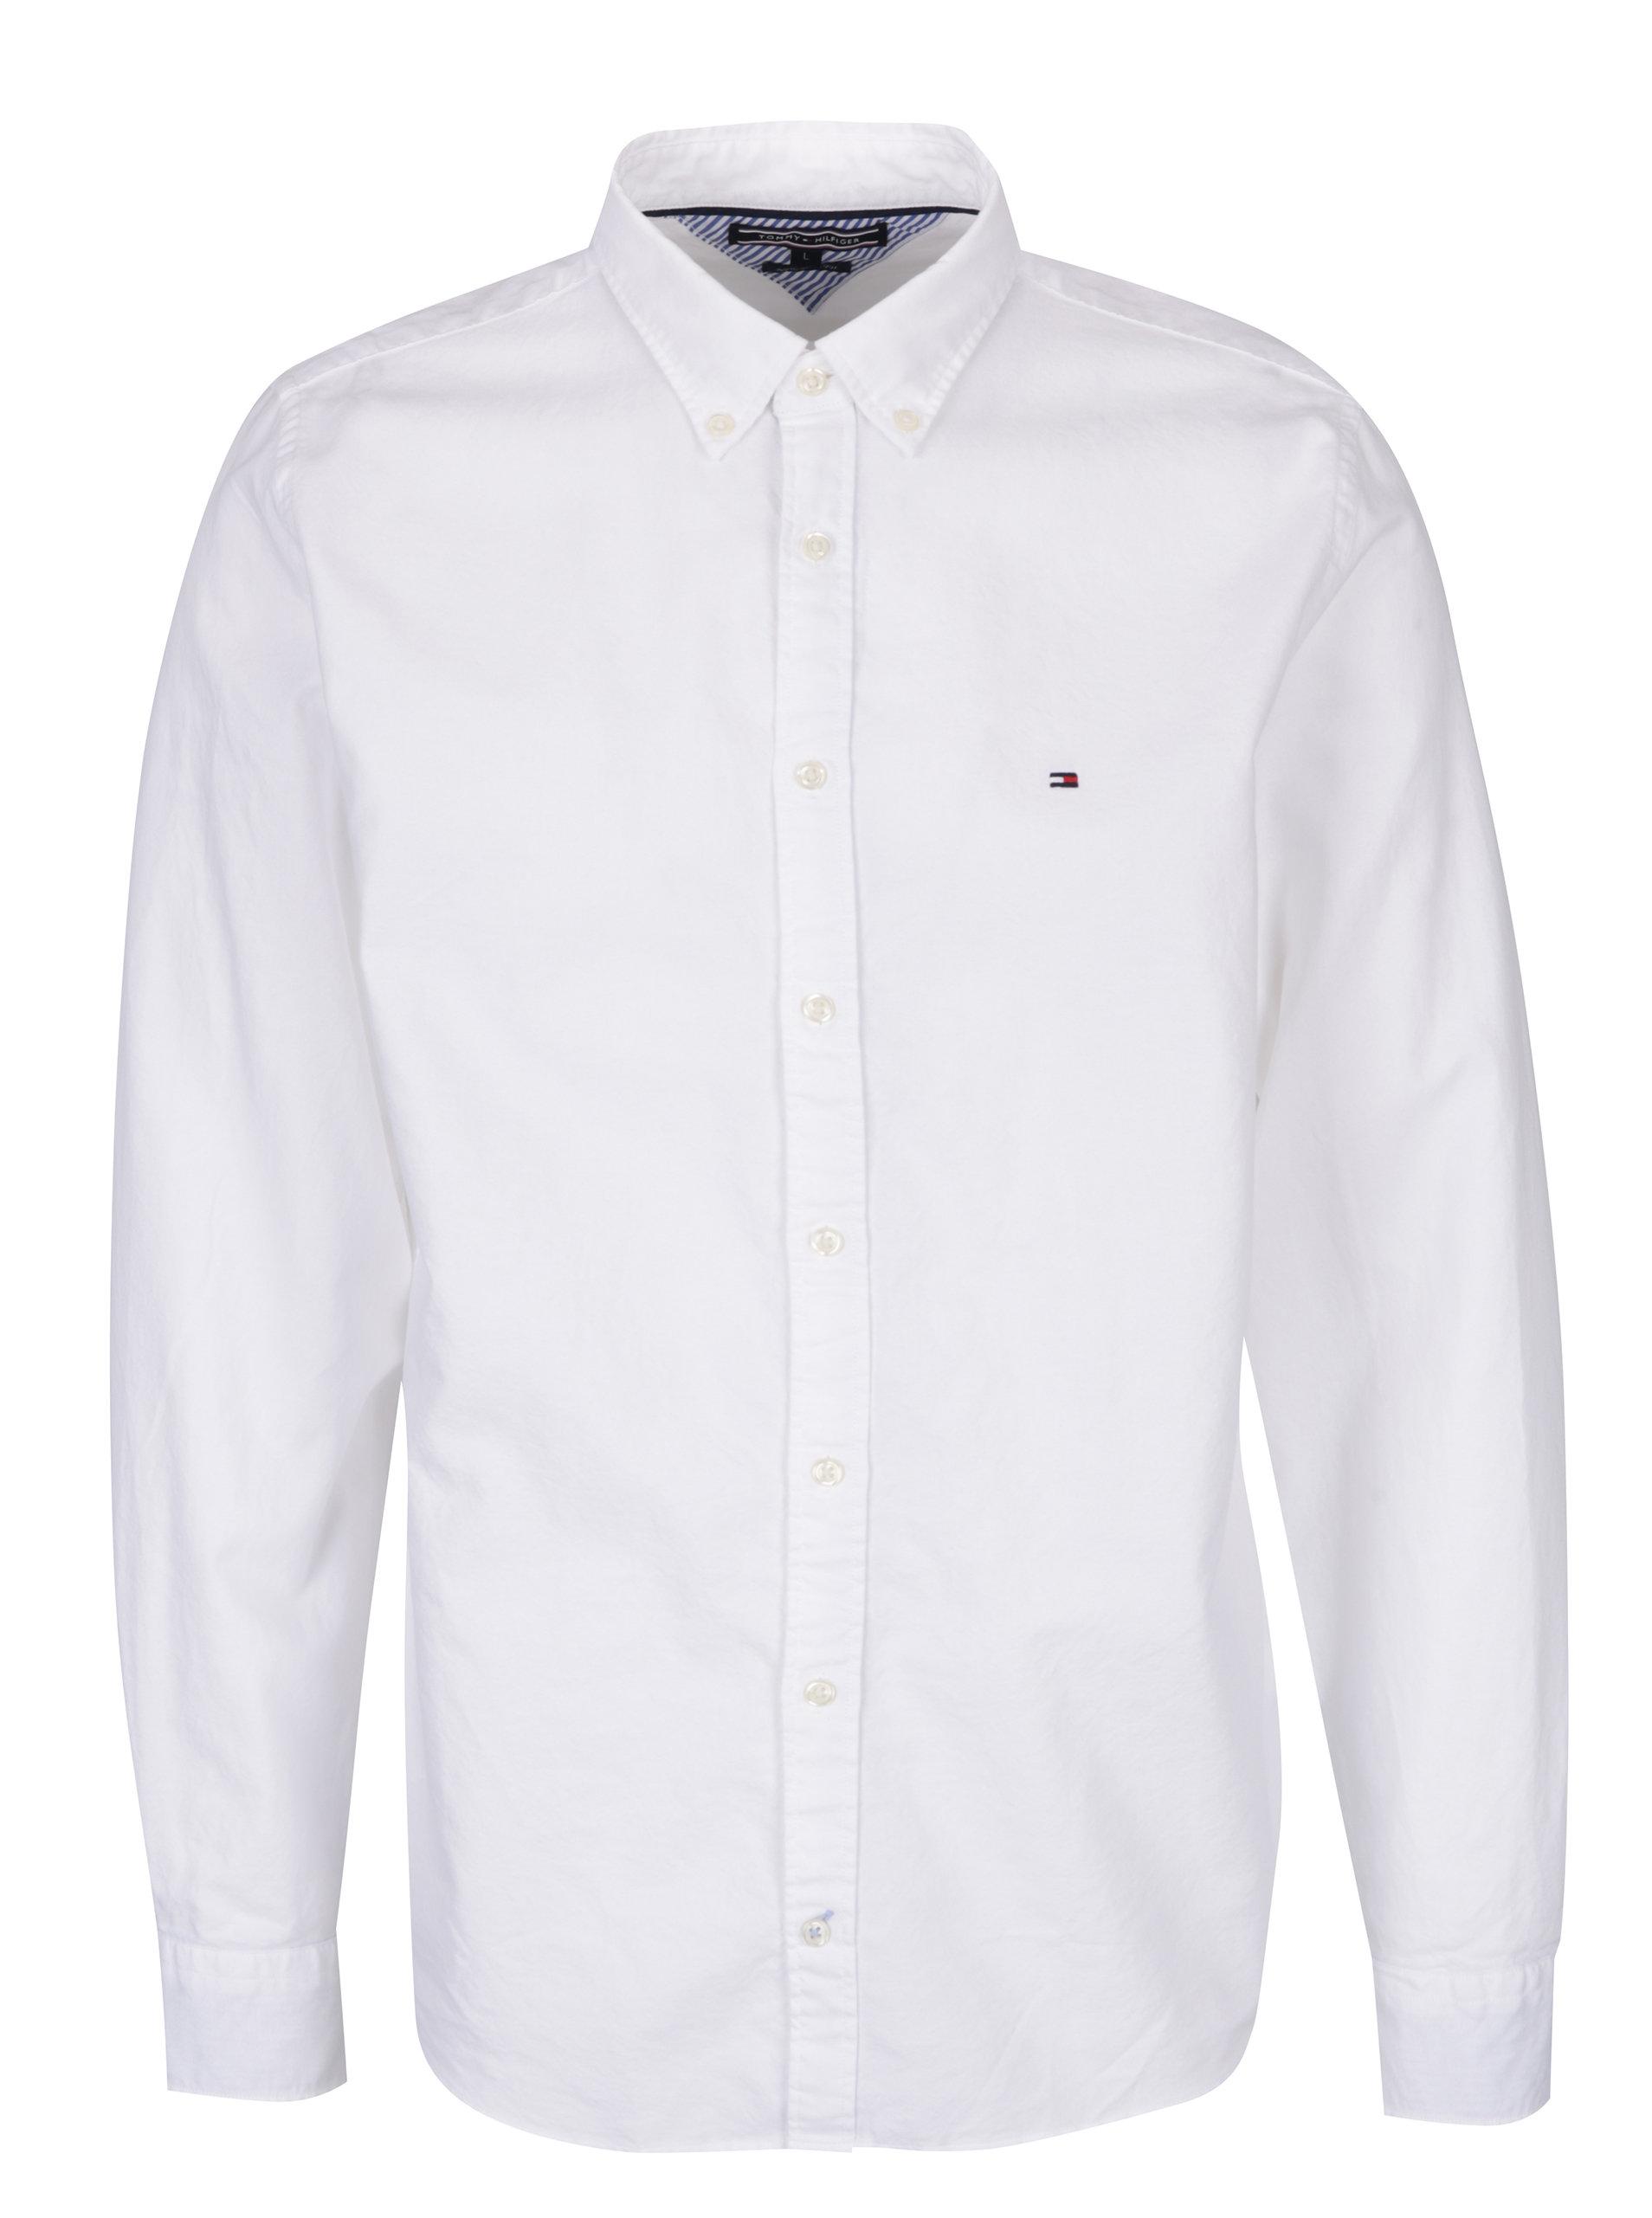 94c76ecc0 Biela pánska košeľa Tommy Hilfiger Ivy | ZOOT.sk